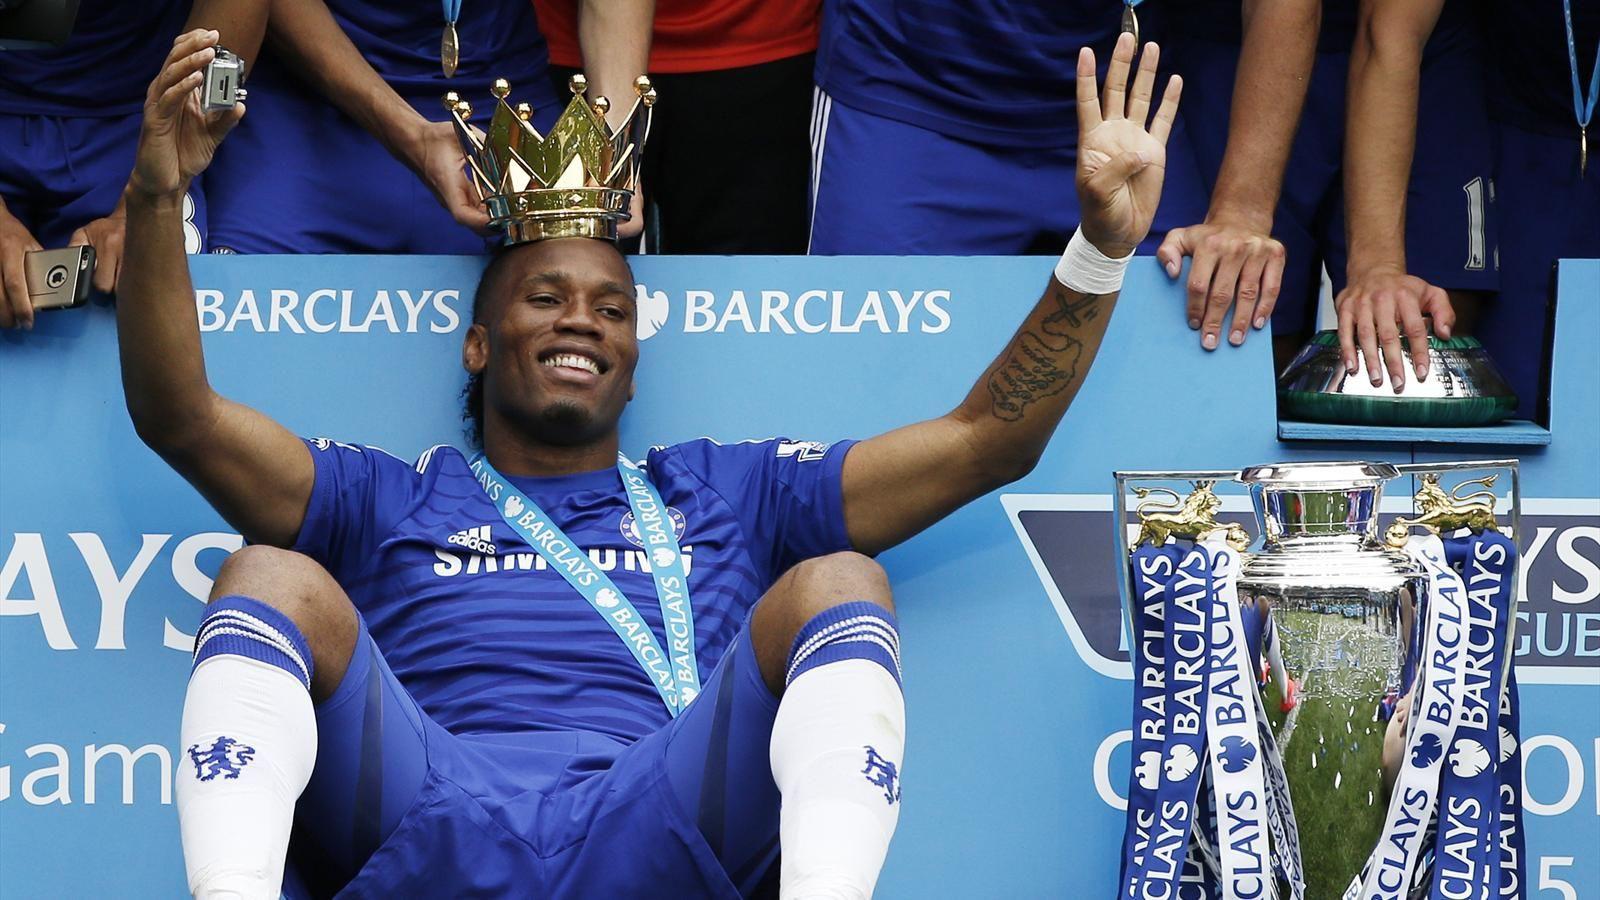 hình ảnh: Drogba đã giành những danh hiệu cao quý nhất cấp CLB trong màu áo Chelsea